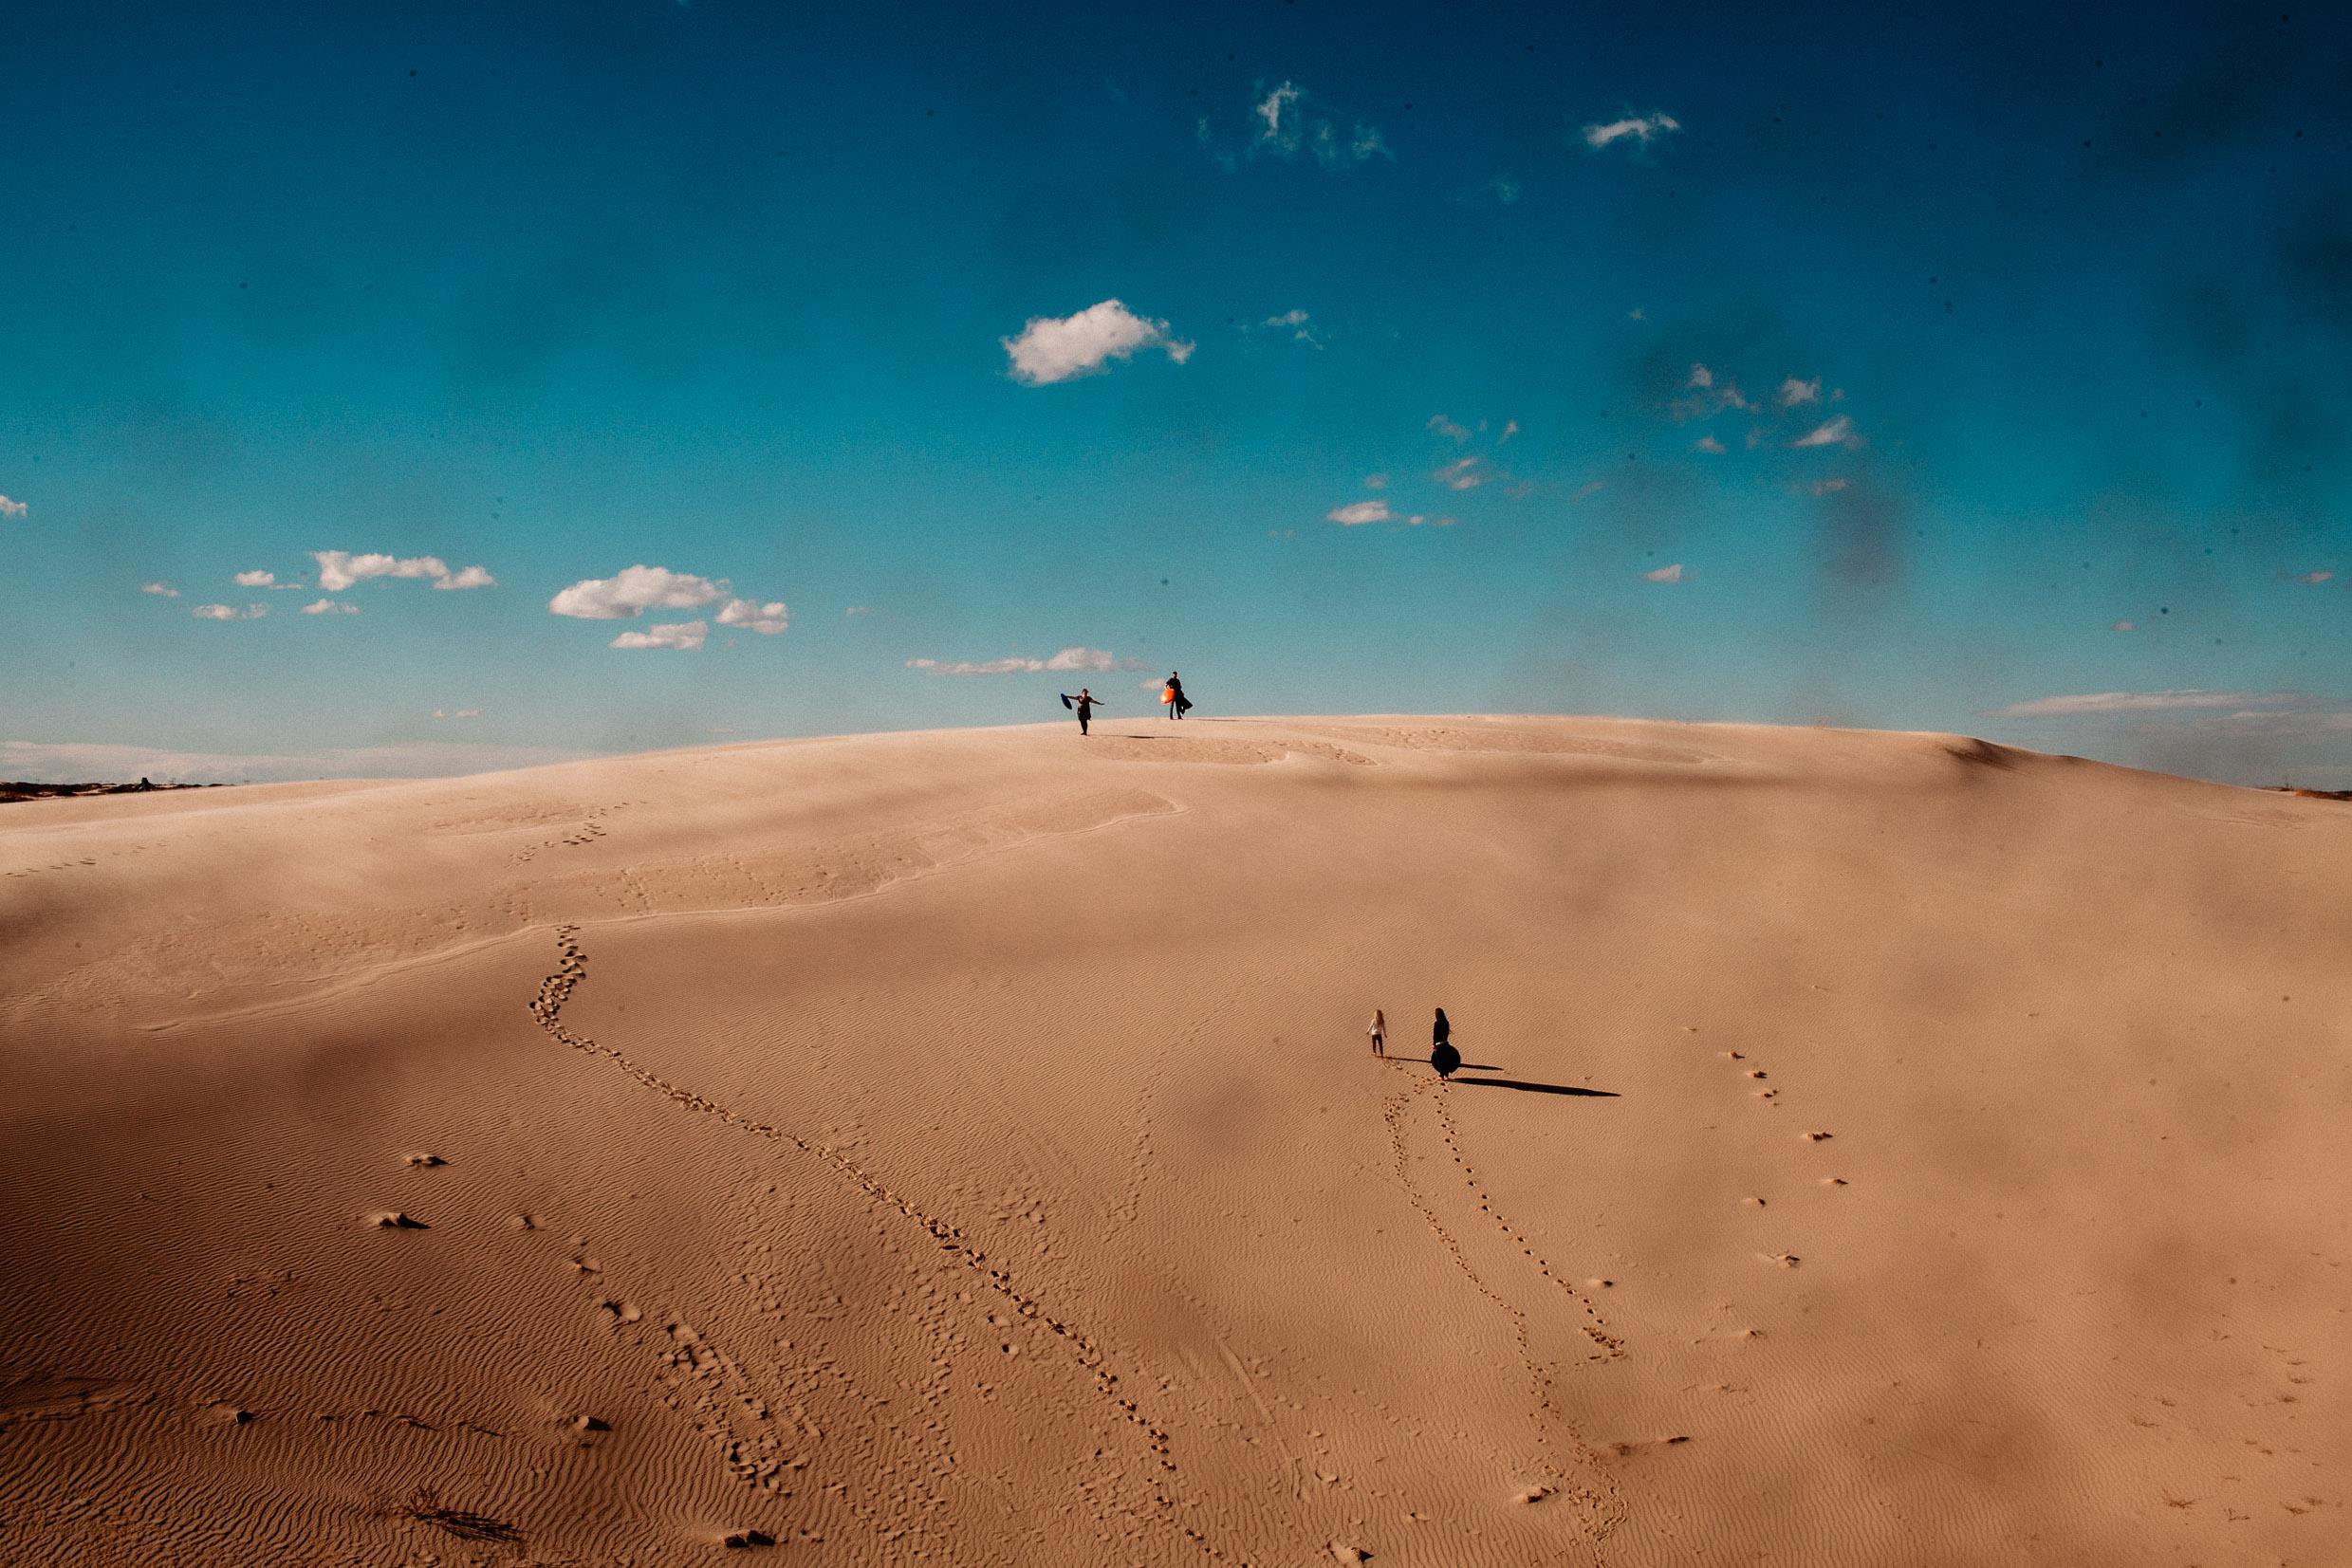 sand dunes in texas